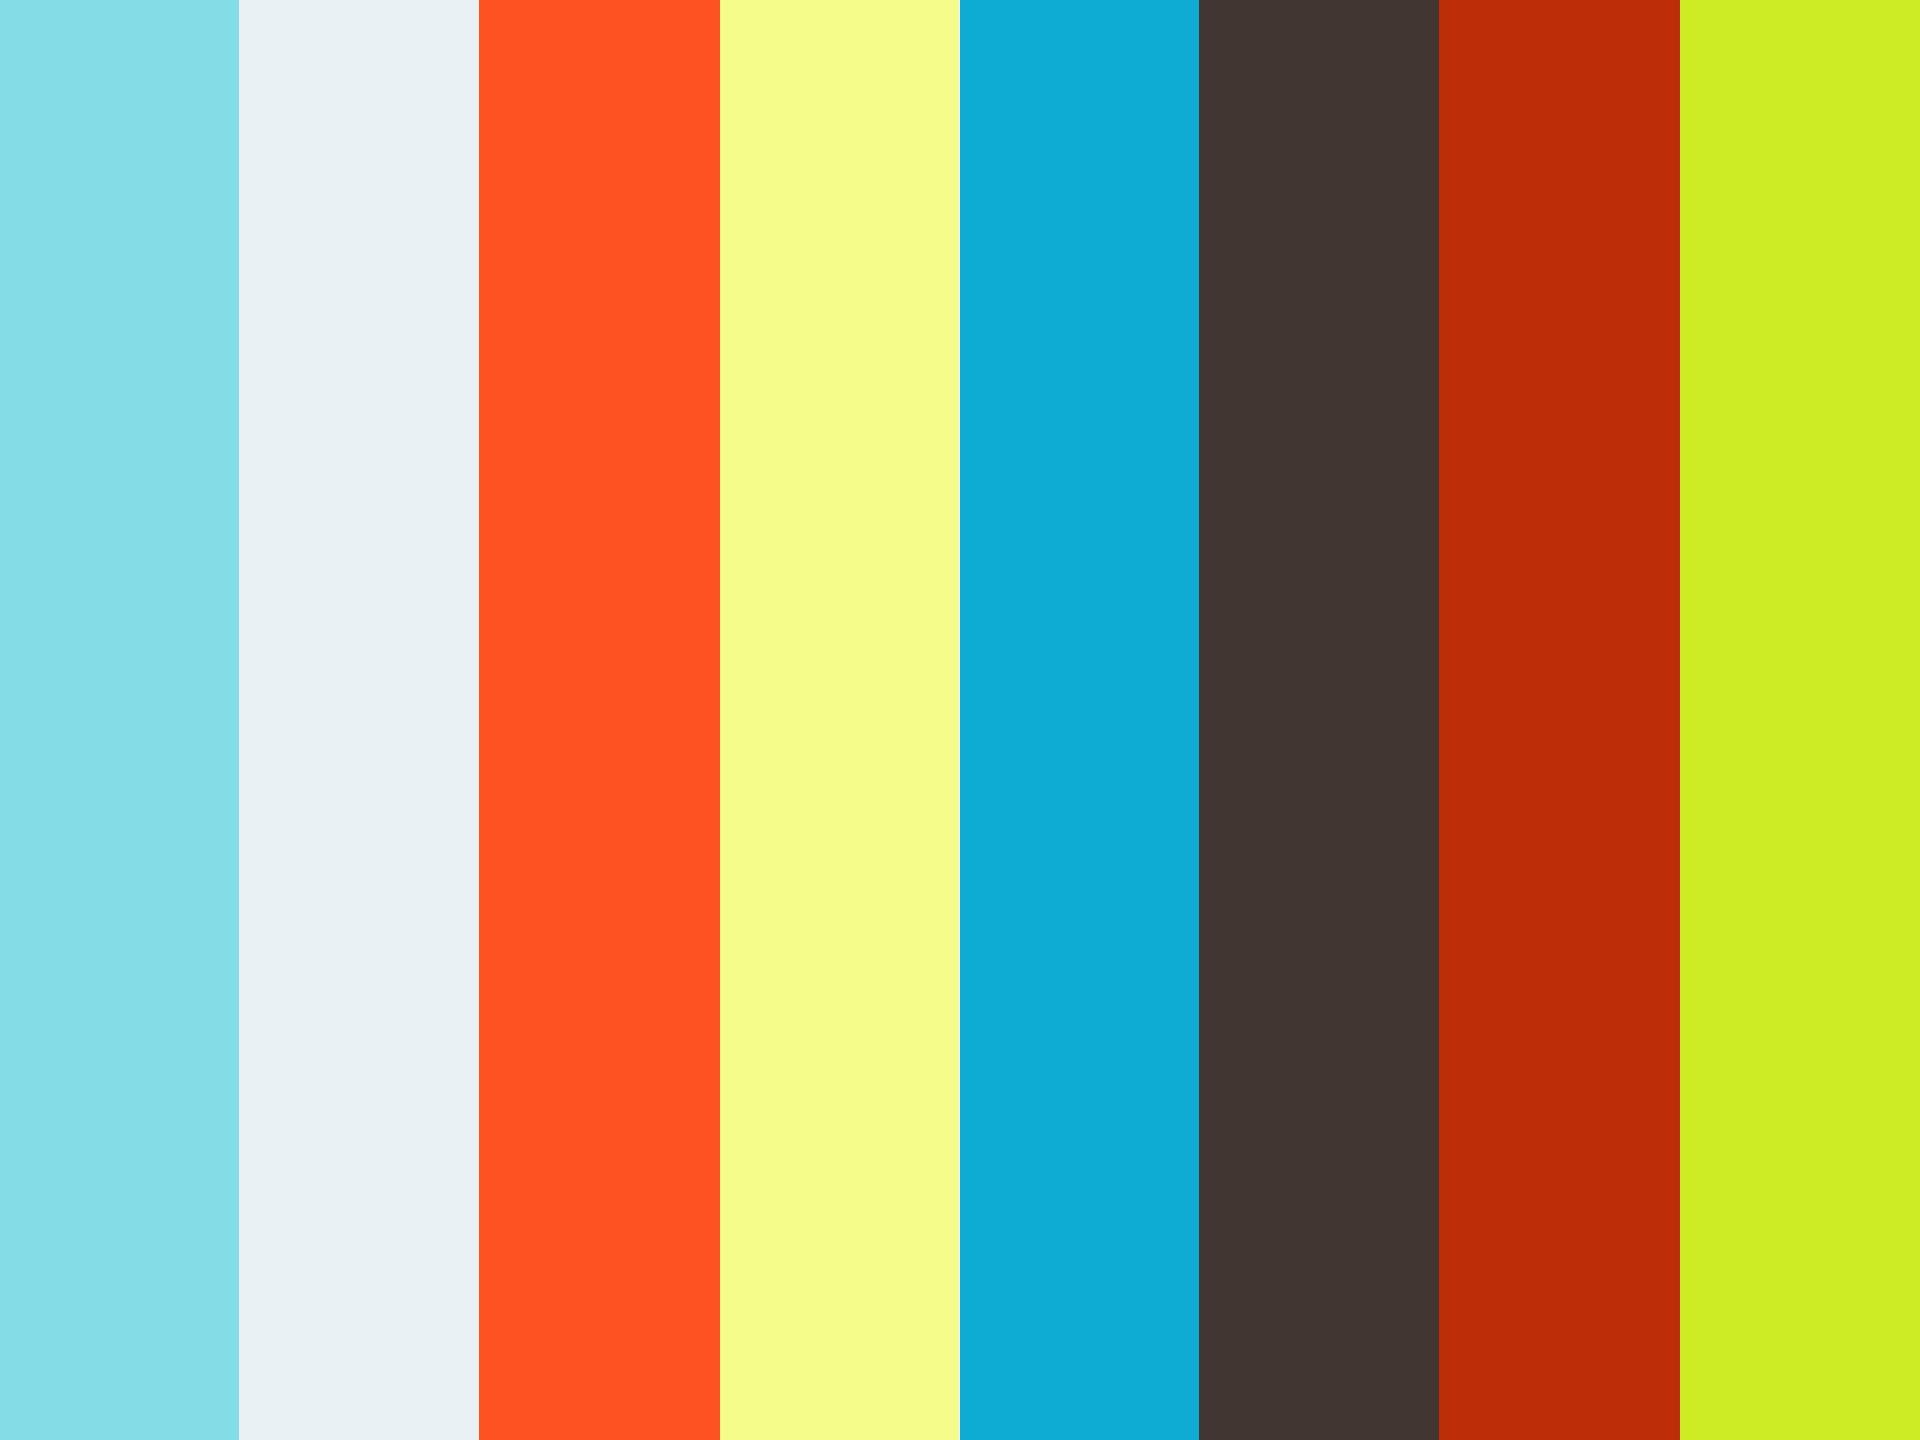 Light Leaks Pack - Motion Graphics 61638 - Blend và chuyển cảnh óng ánh Free download